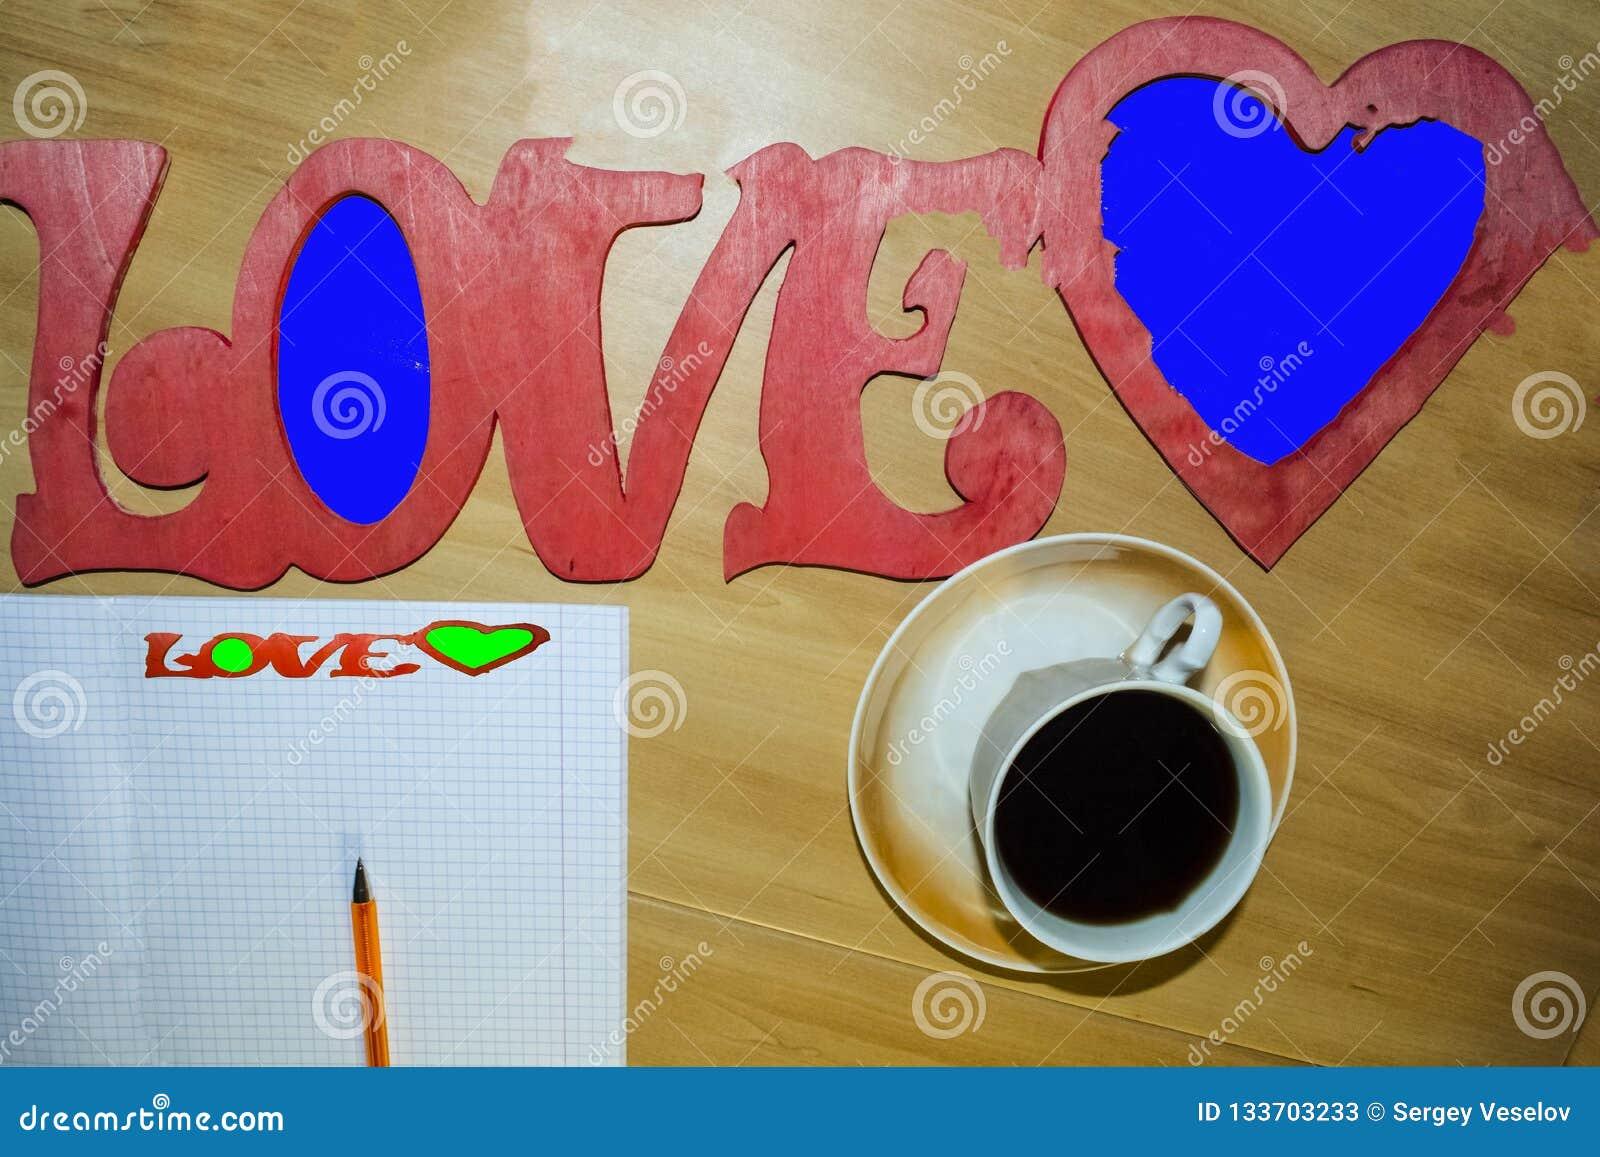 Feuille à carreaux, une tasse de café noir